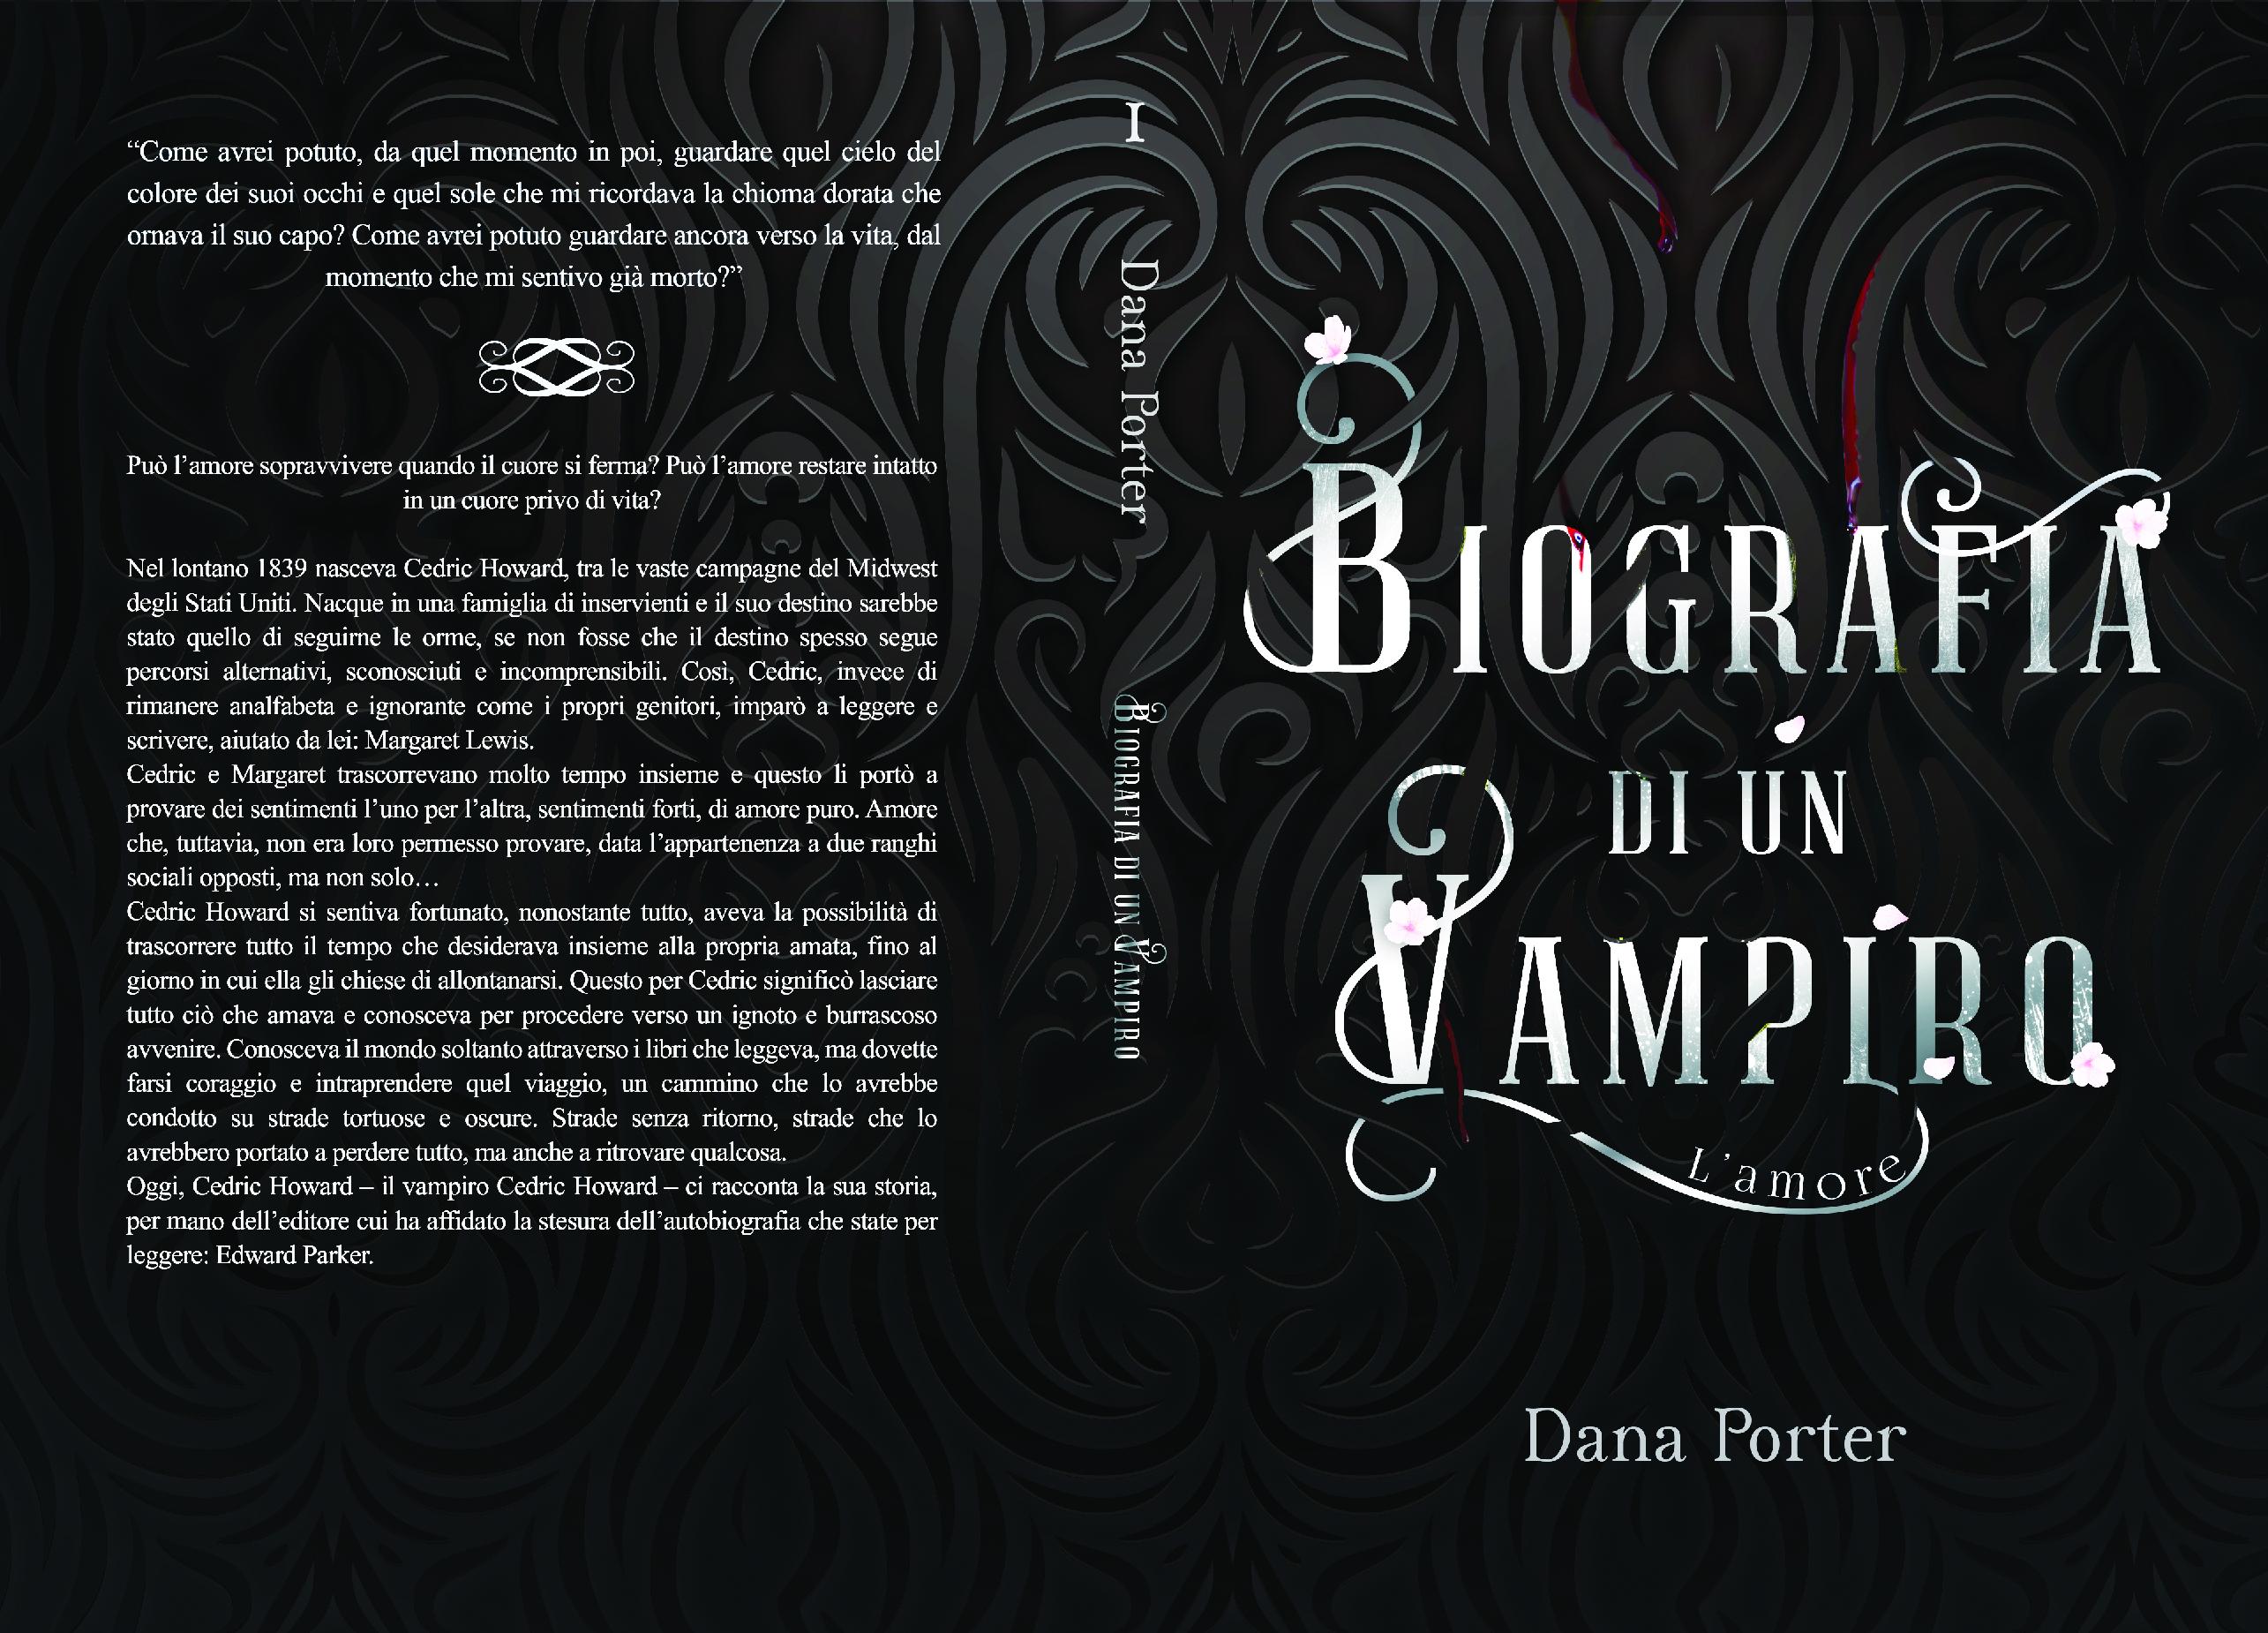 Biografia di un vampiro cover